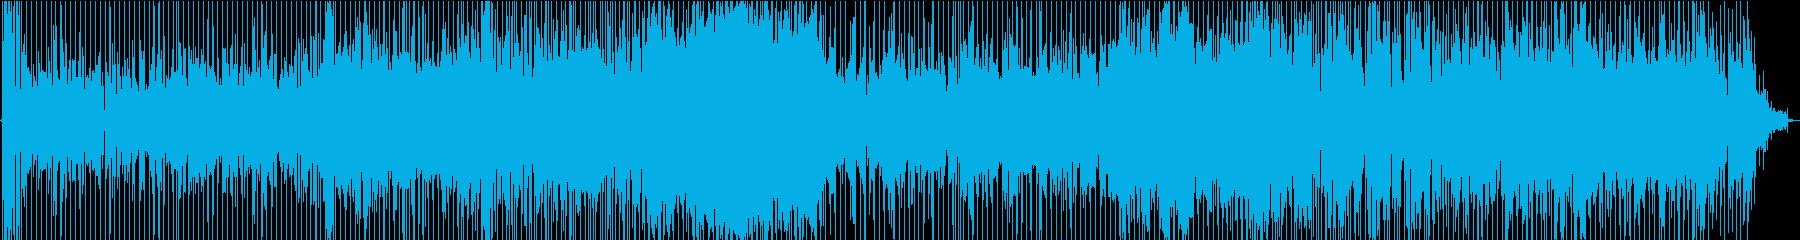 フォーク。ポップ。シンセソロ。ファ...の再生済みの波形